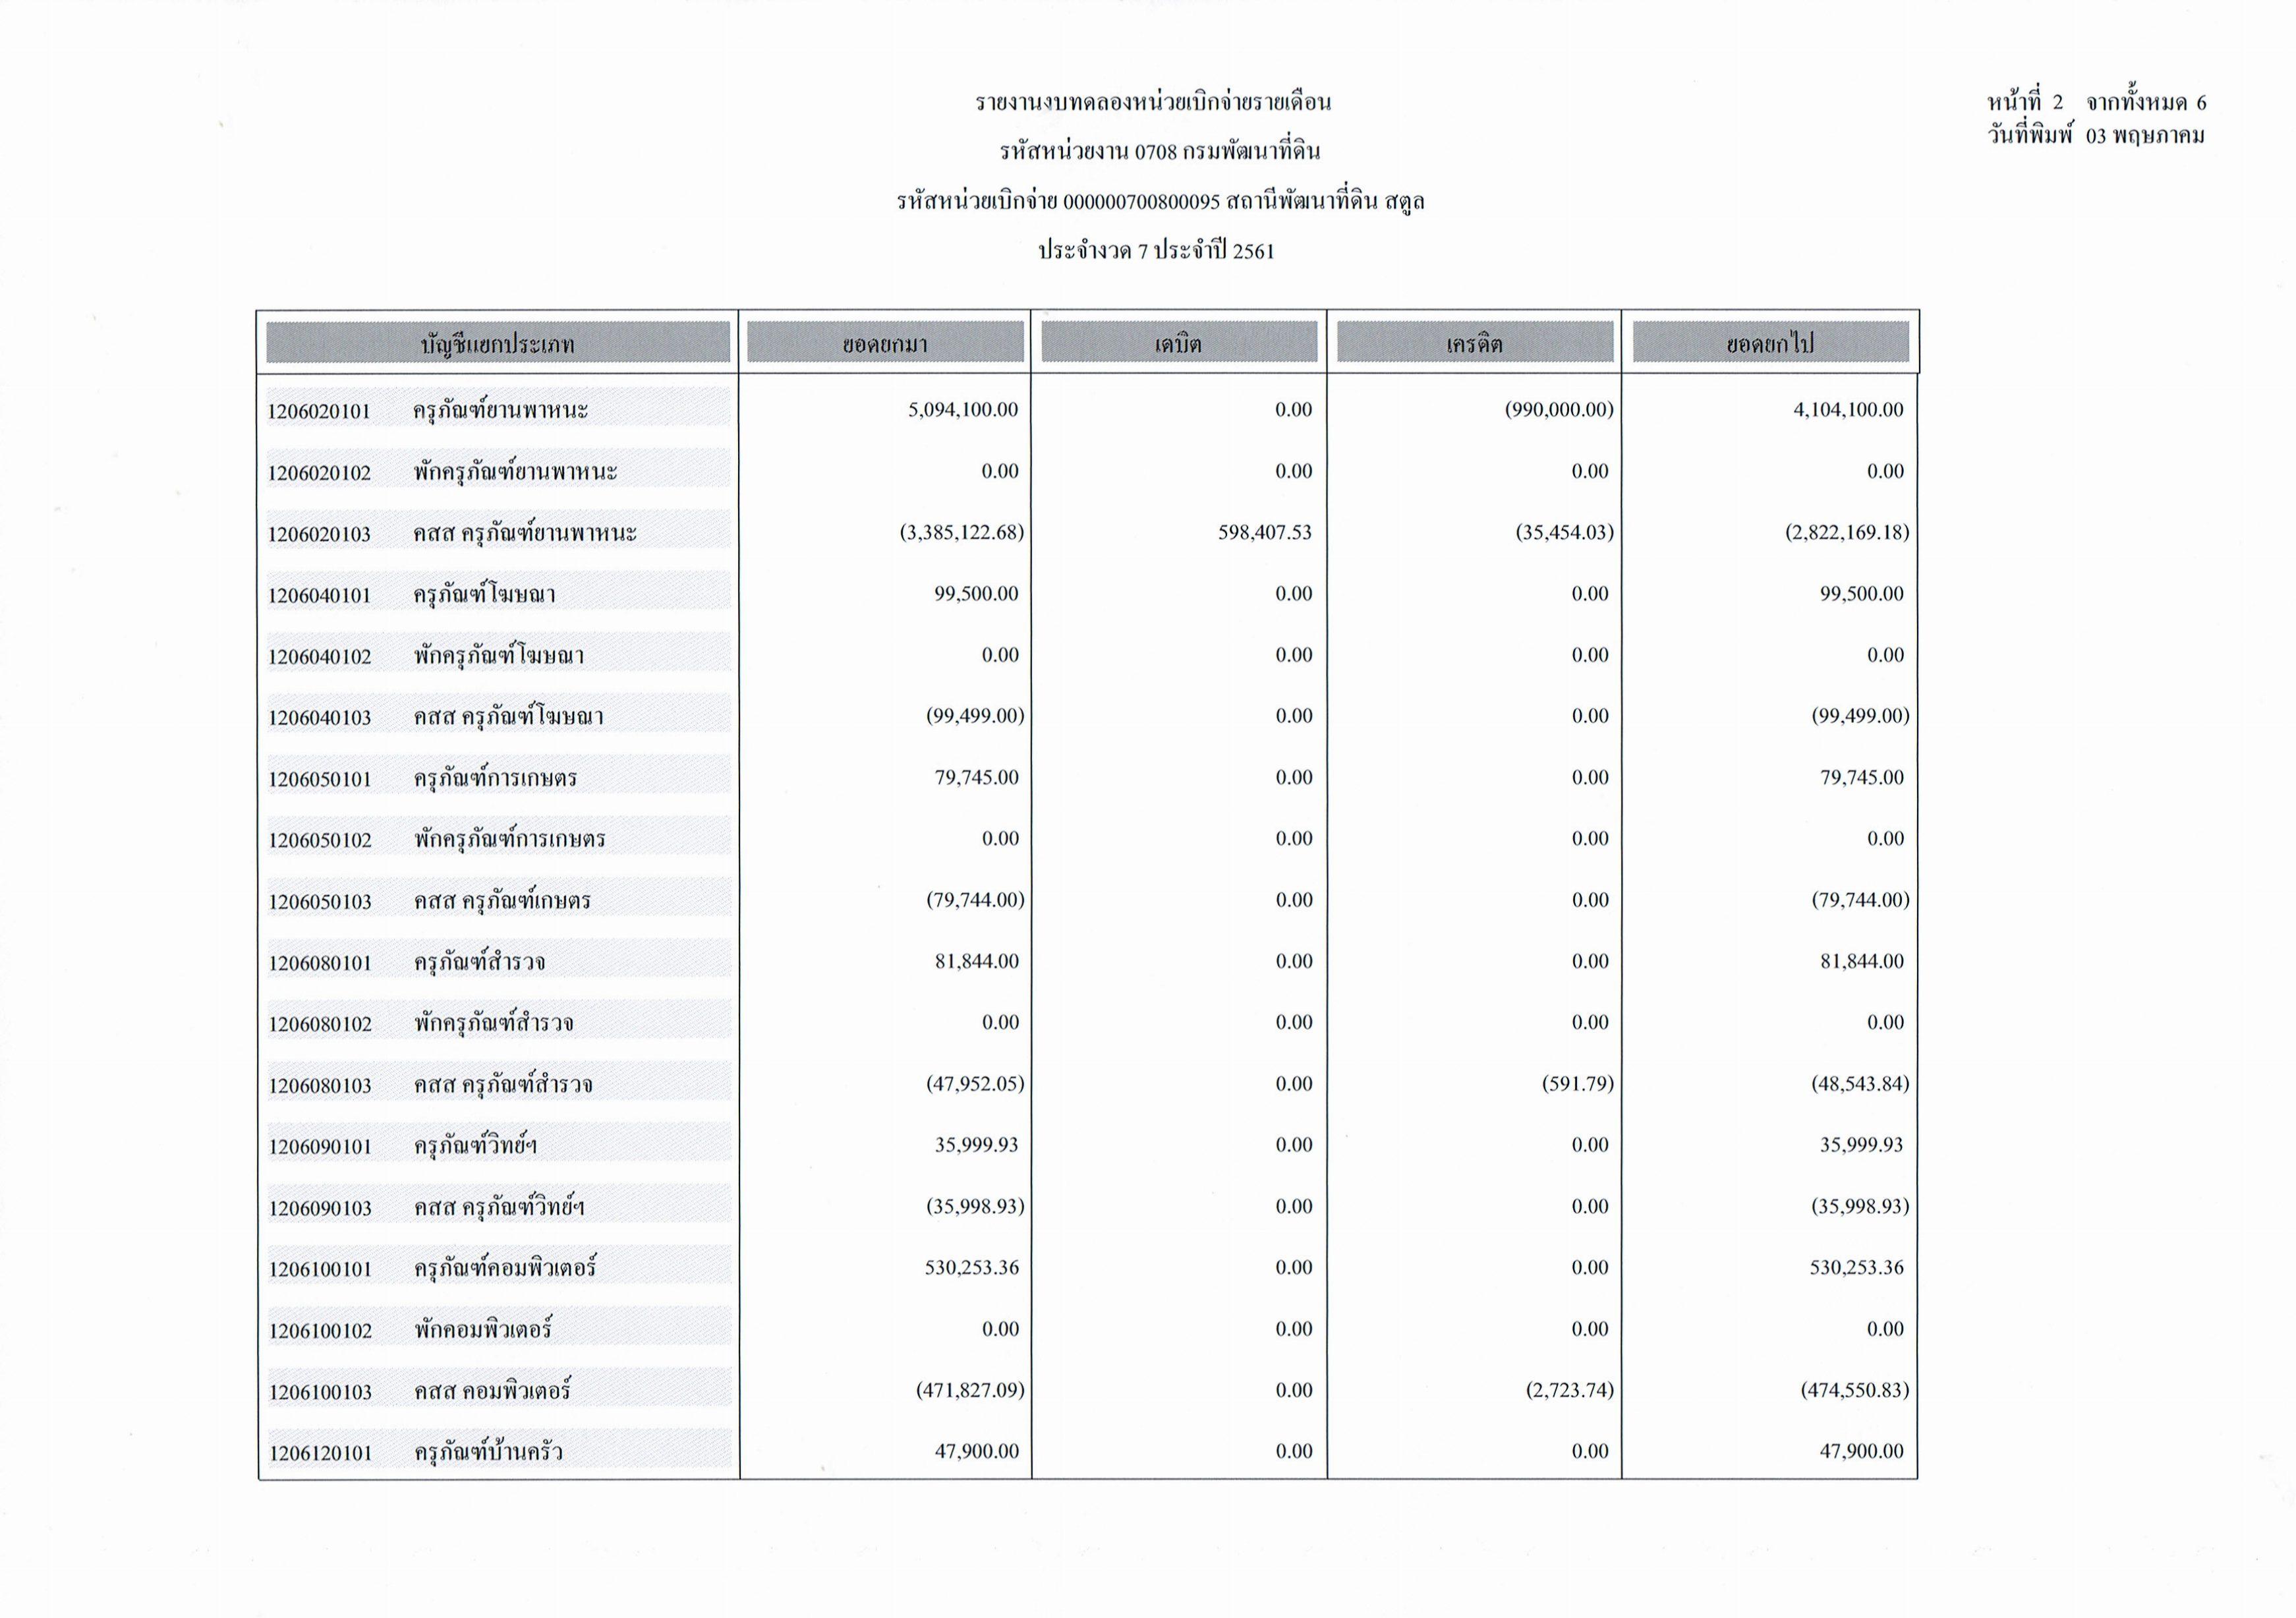 รายงานงบทดลองหน่วยเบิกจ่ายรายเดือนเมษายน ประจำงวด 7 ประจำปี 256_2